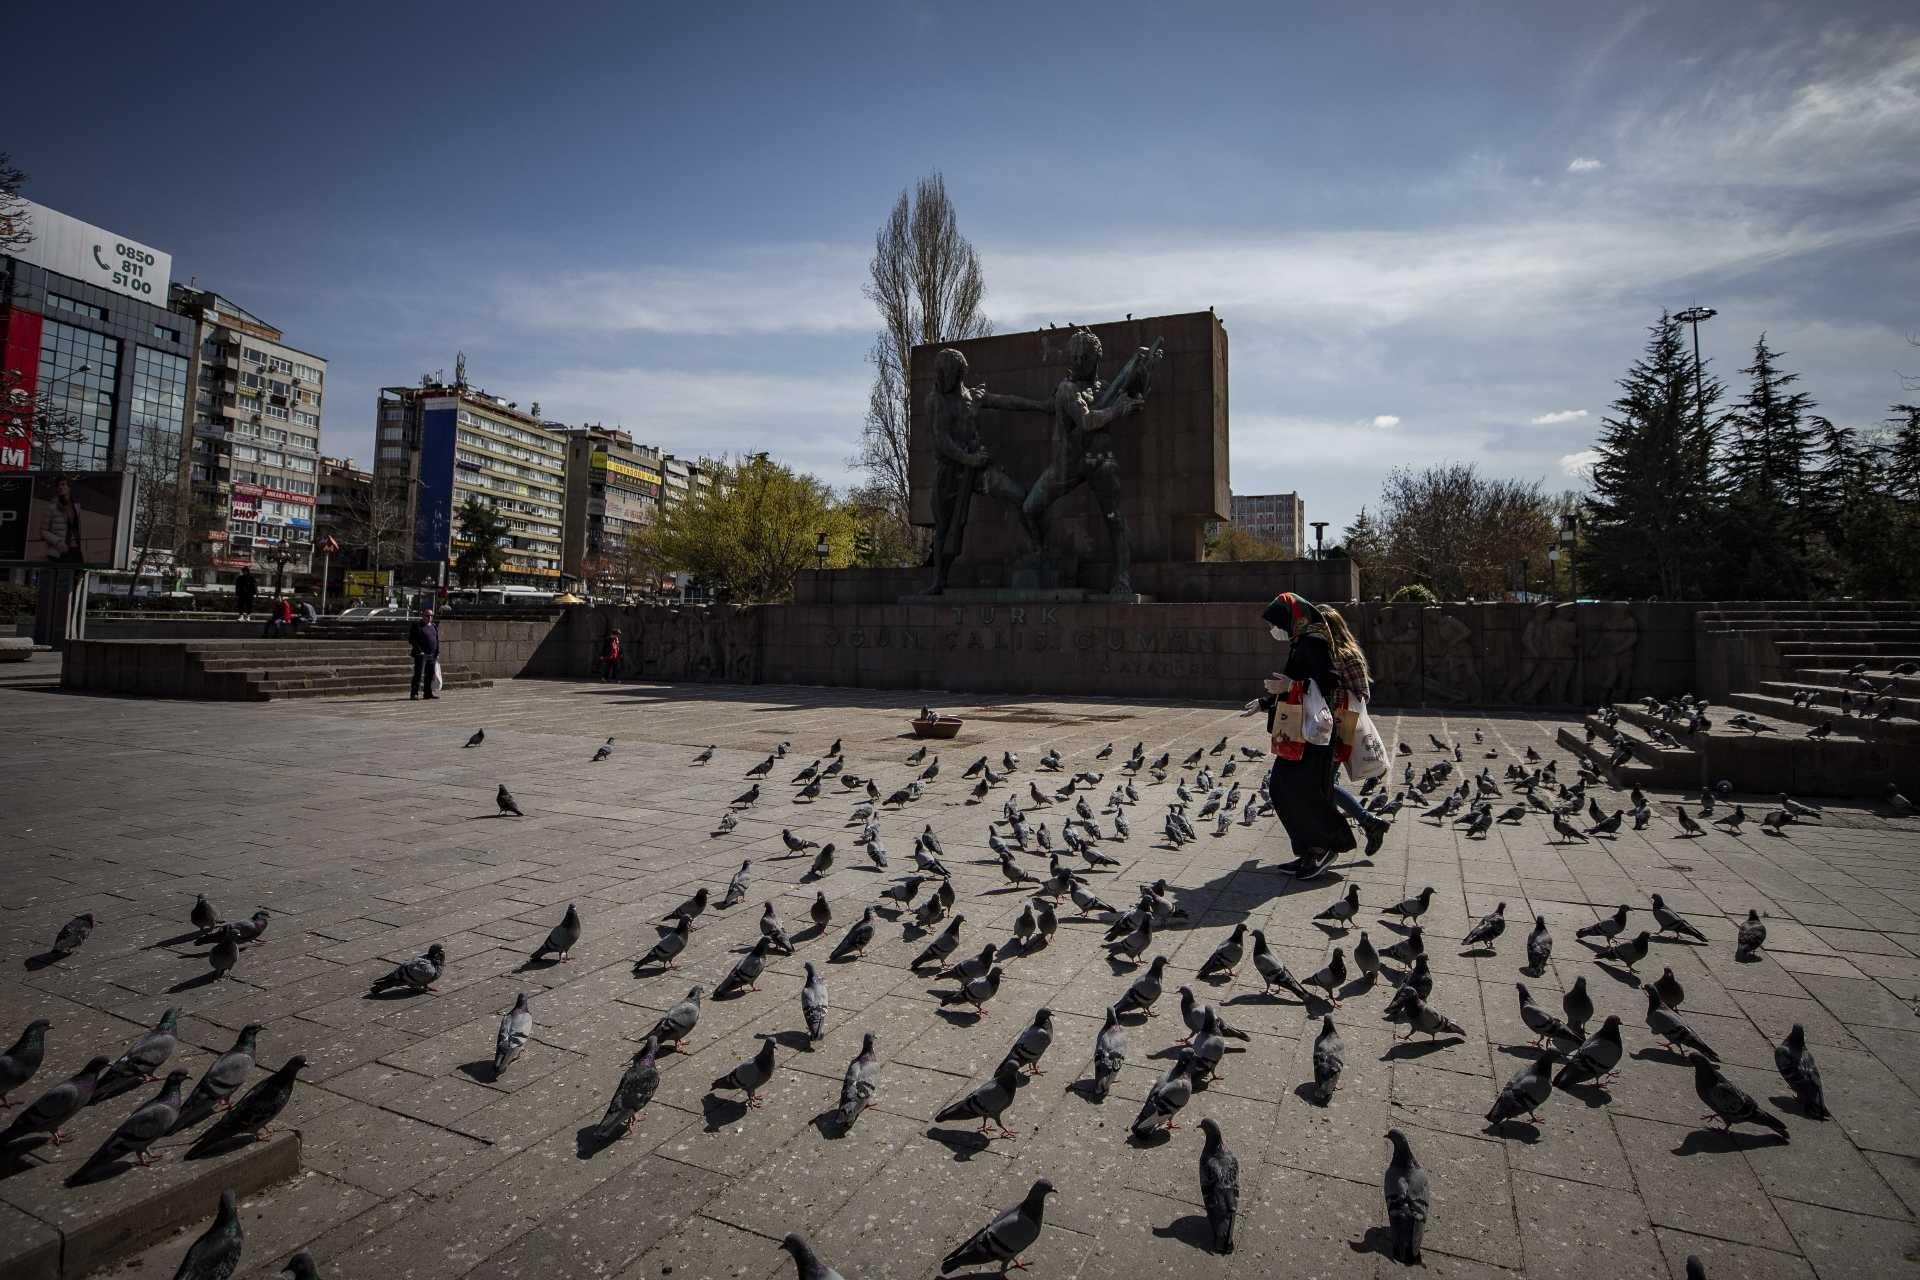 Ankara'da alınan koronavirüs (Kovid-19) tedbirleri sonrası kent merkezinde yüzlerinde maske ile yürüyen insanlar.